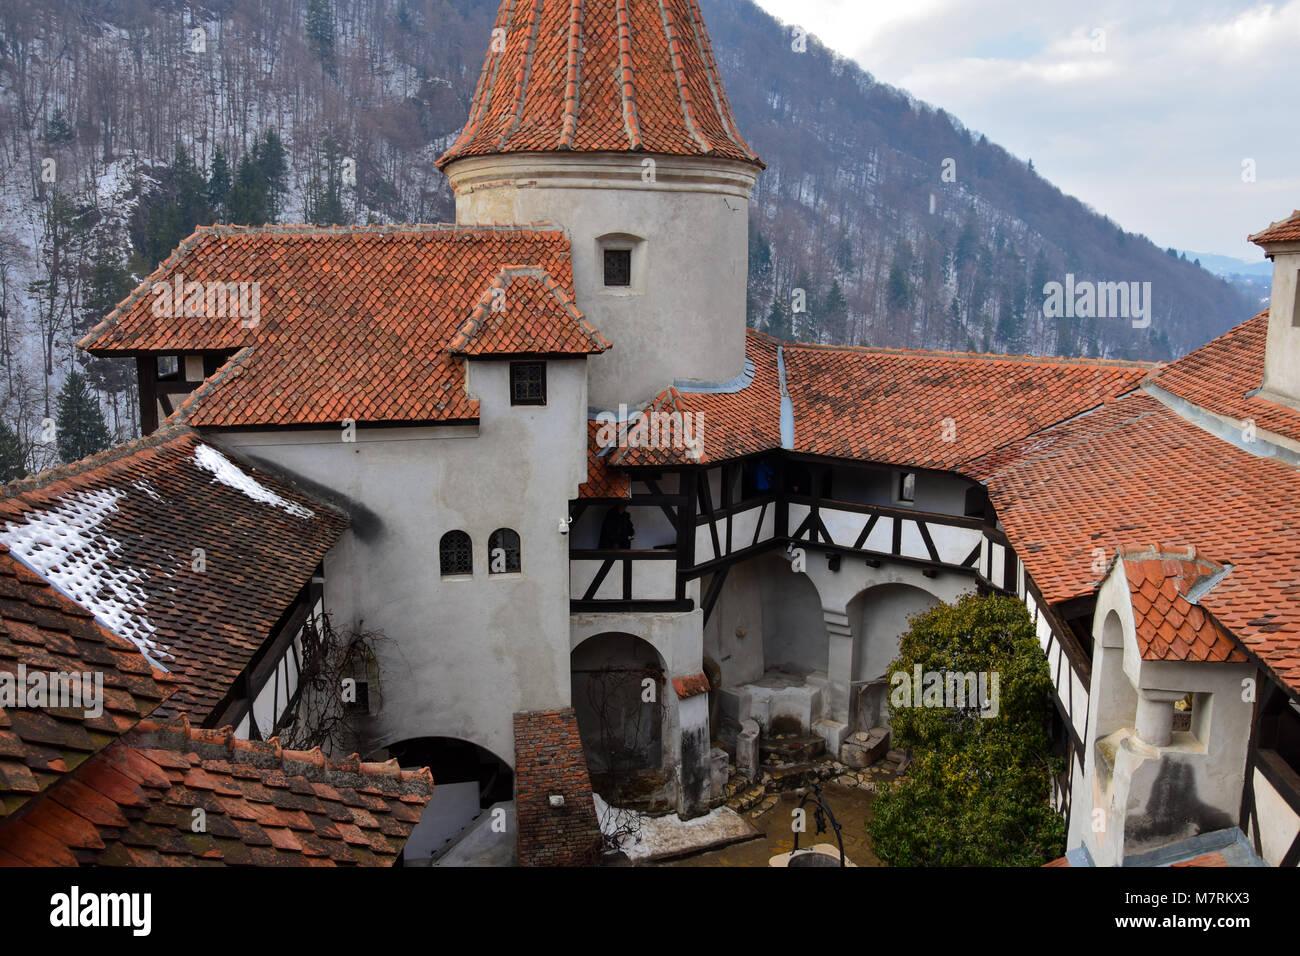 Bran, Romania. Febbraio 4, 2017. All'interno del Castello di Bran (Castelul Bran), comunemente noto come 'Dracula Immagini Stock